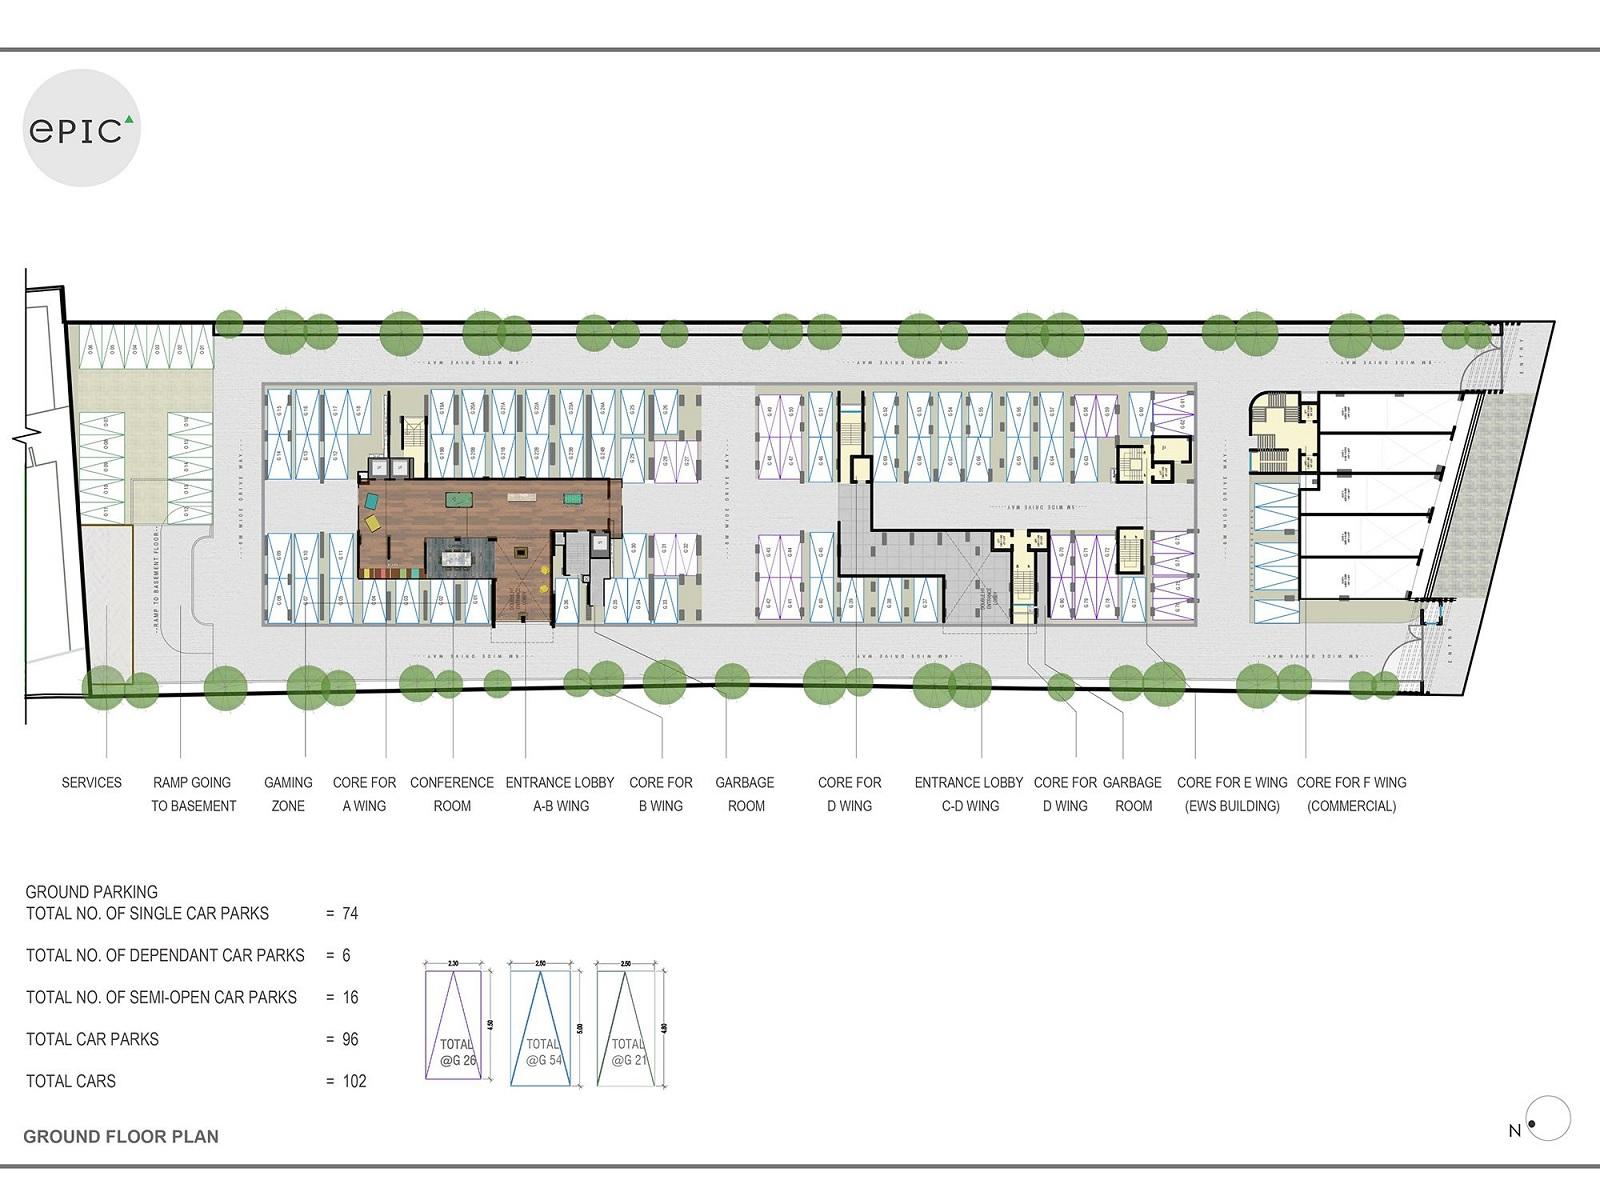 yashada epic phase 1 project master plan image1